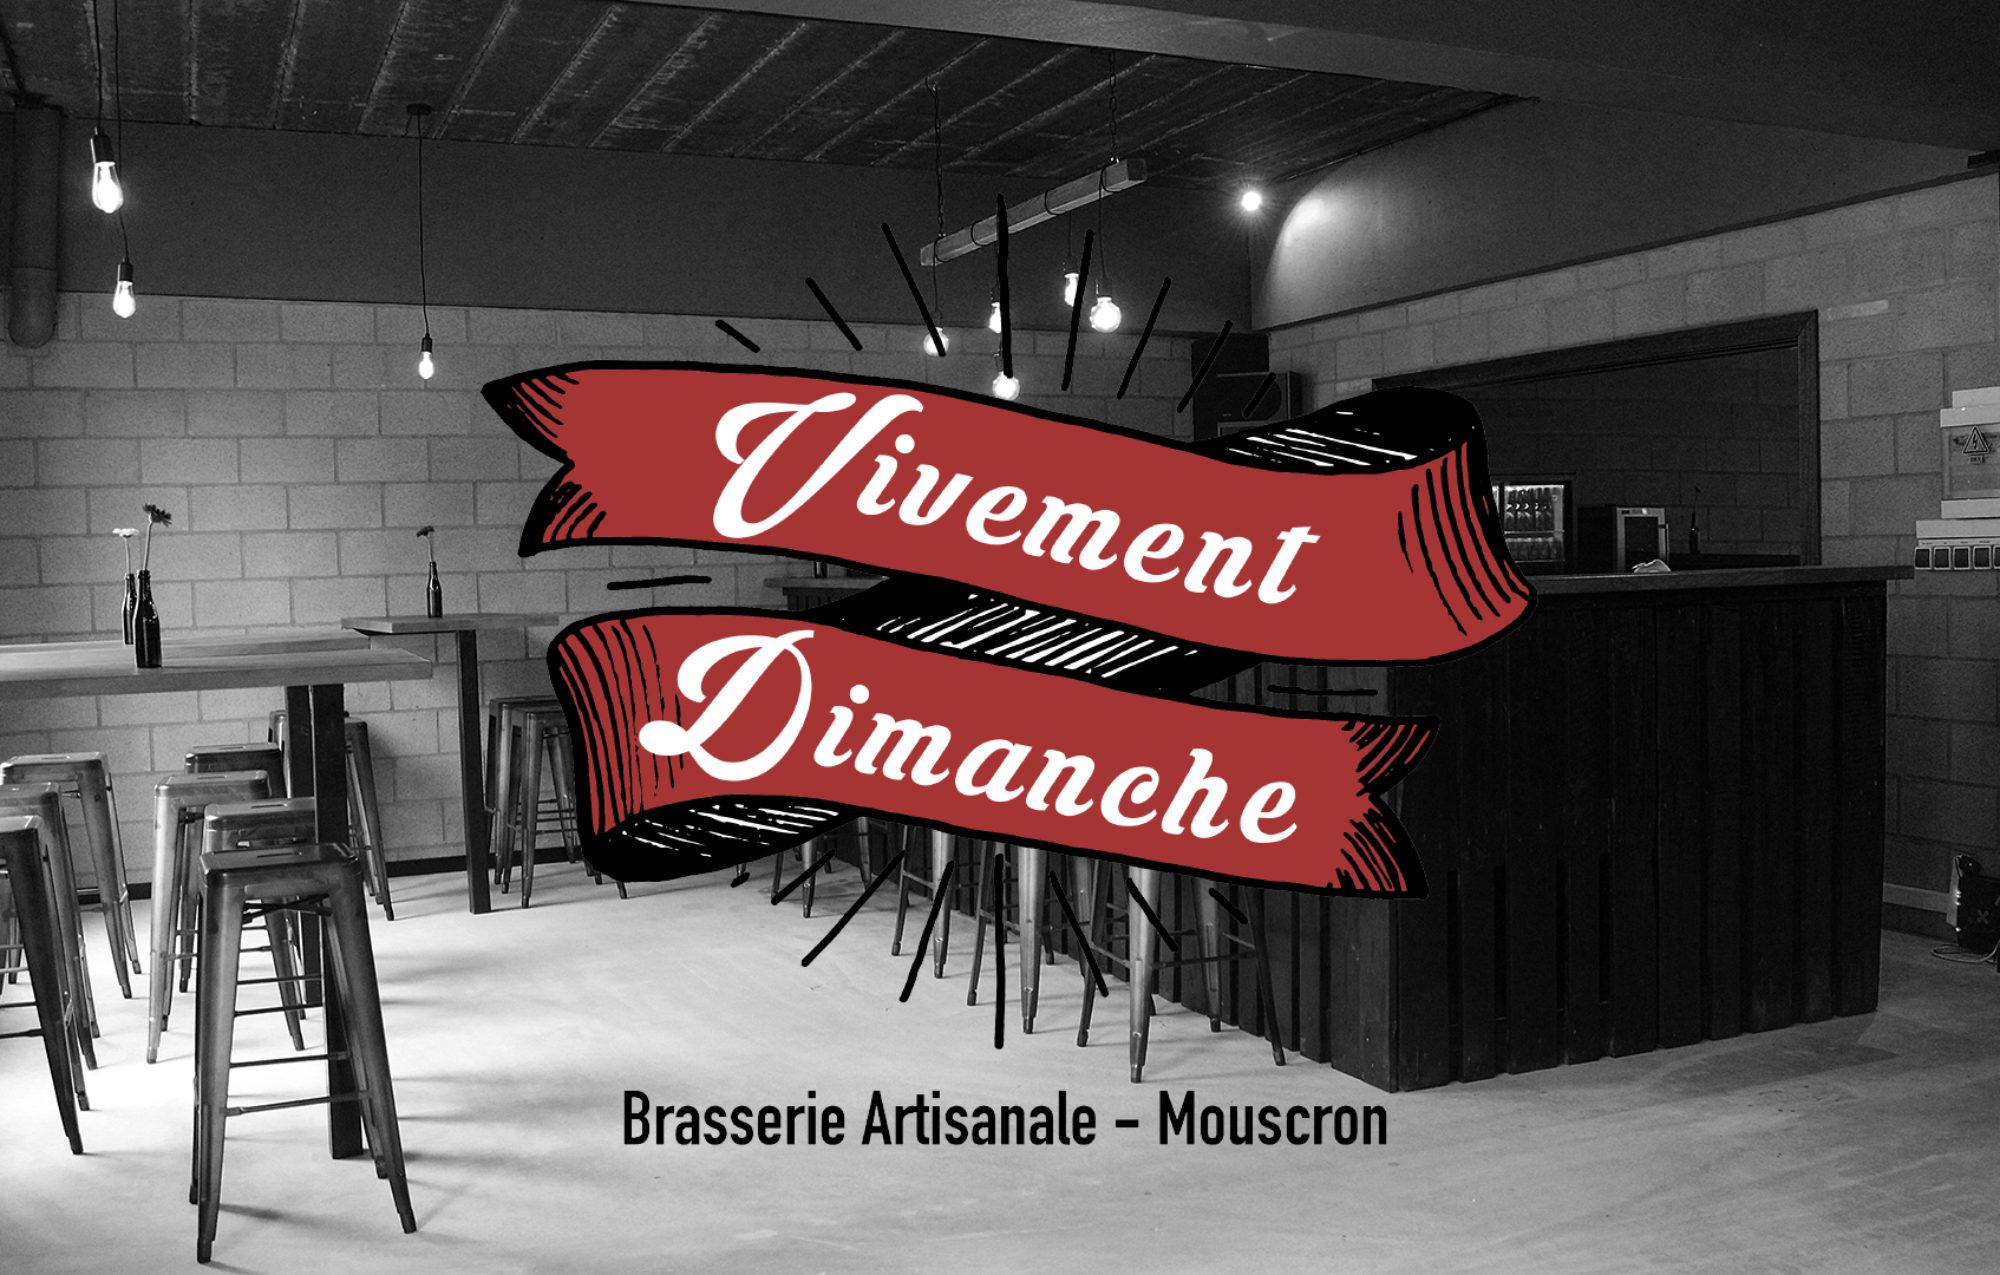 Brasserie Vivement Dimanche